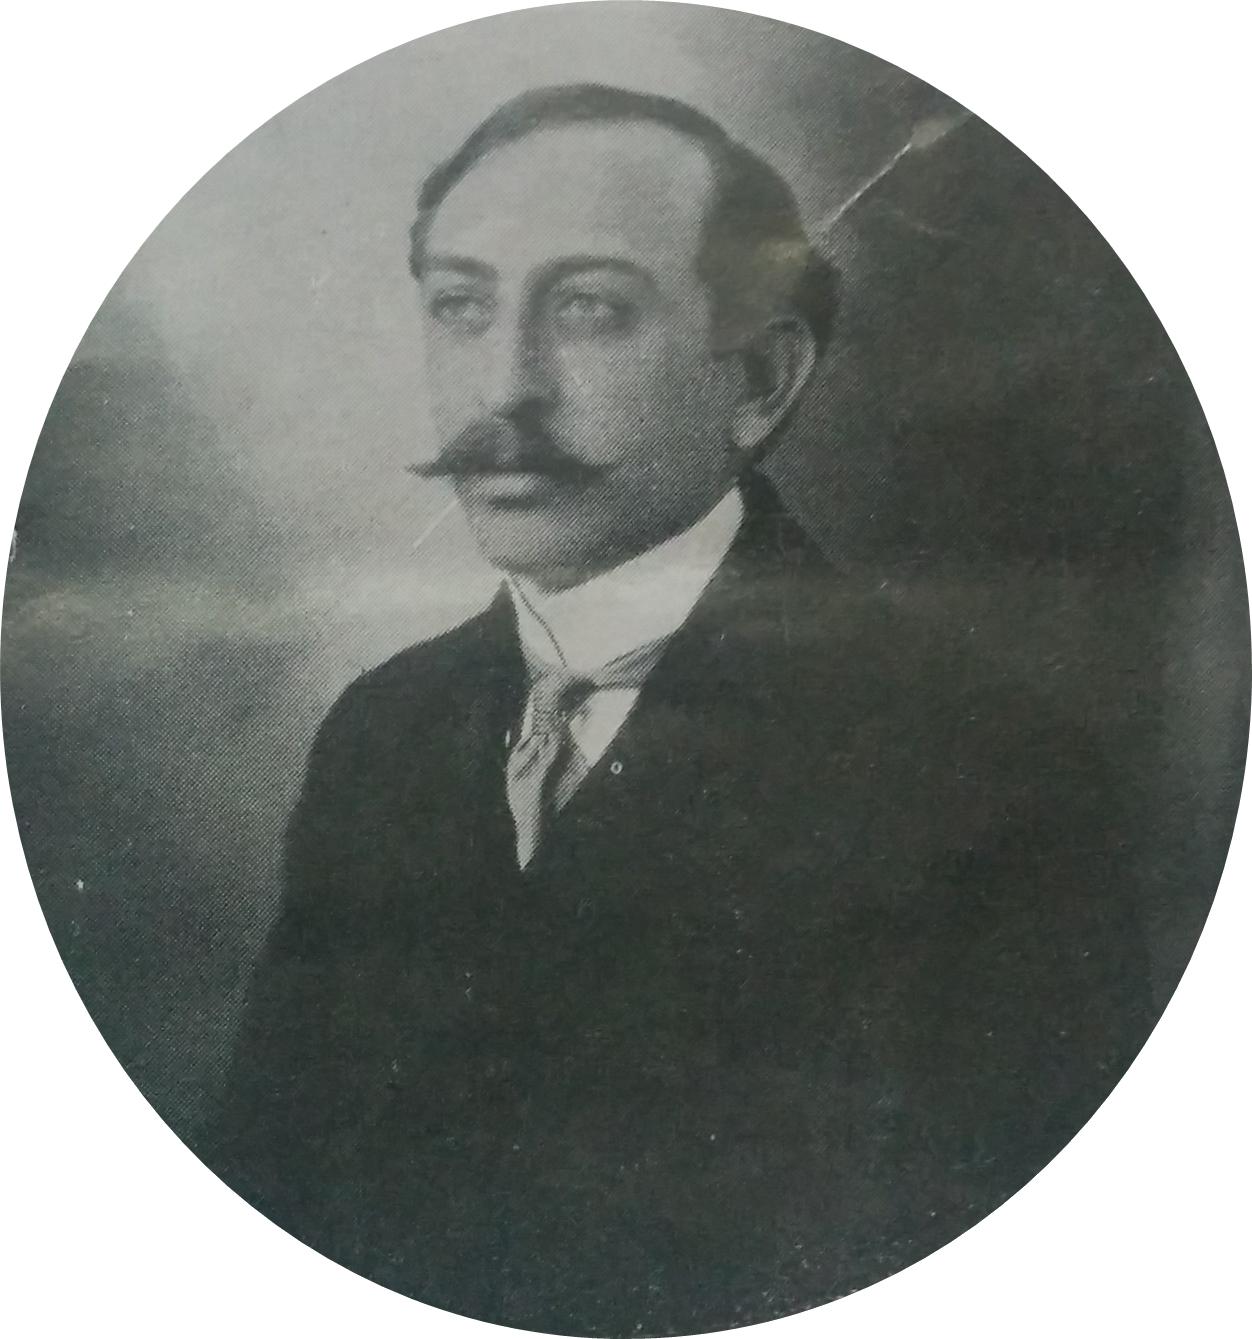 El Dr. Pedro J. Uslenghi, nacido en 1877, y fallecido en 1933.